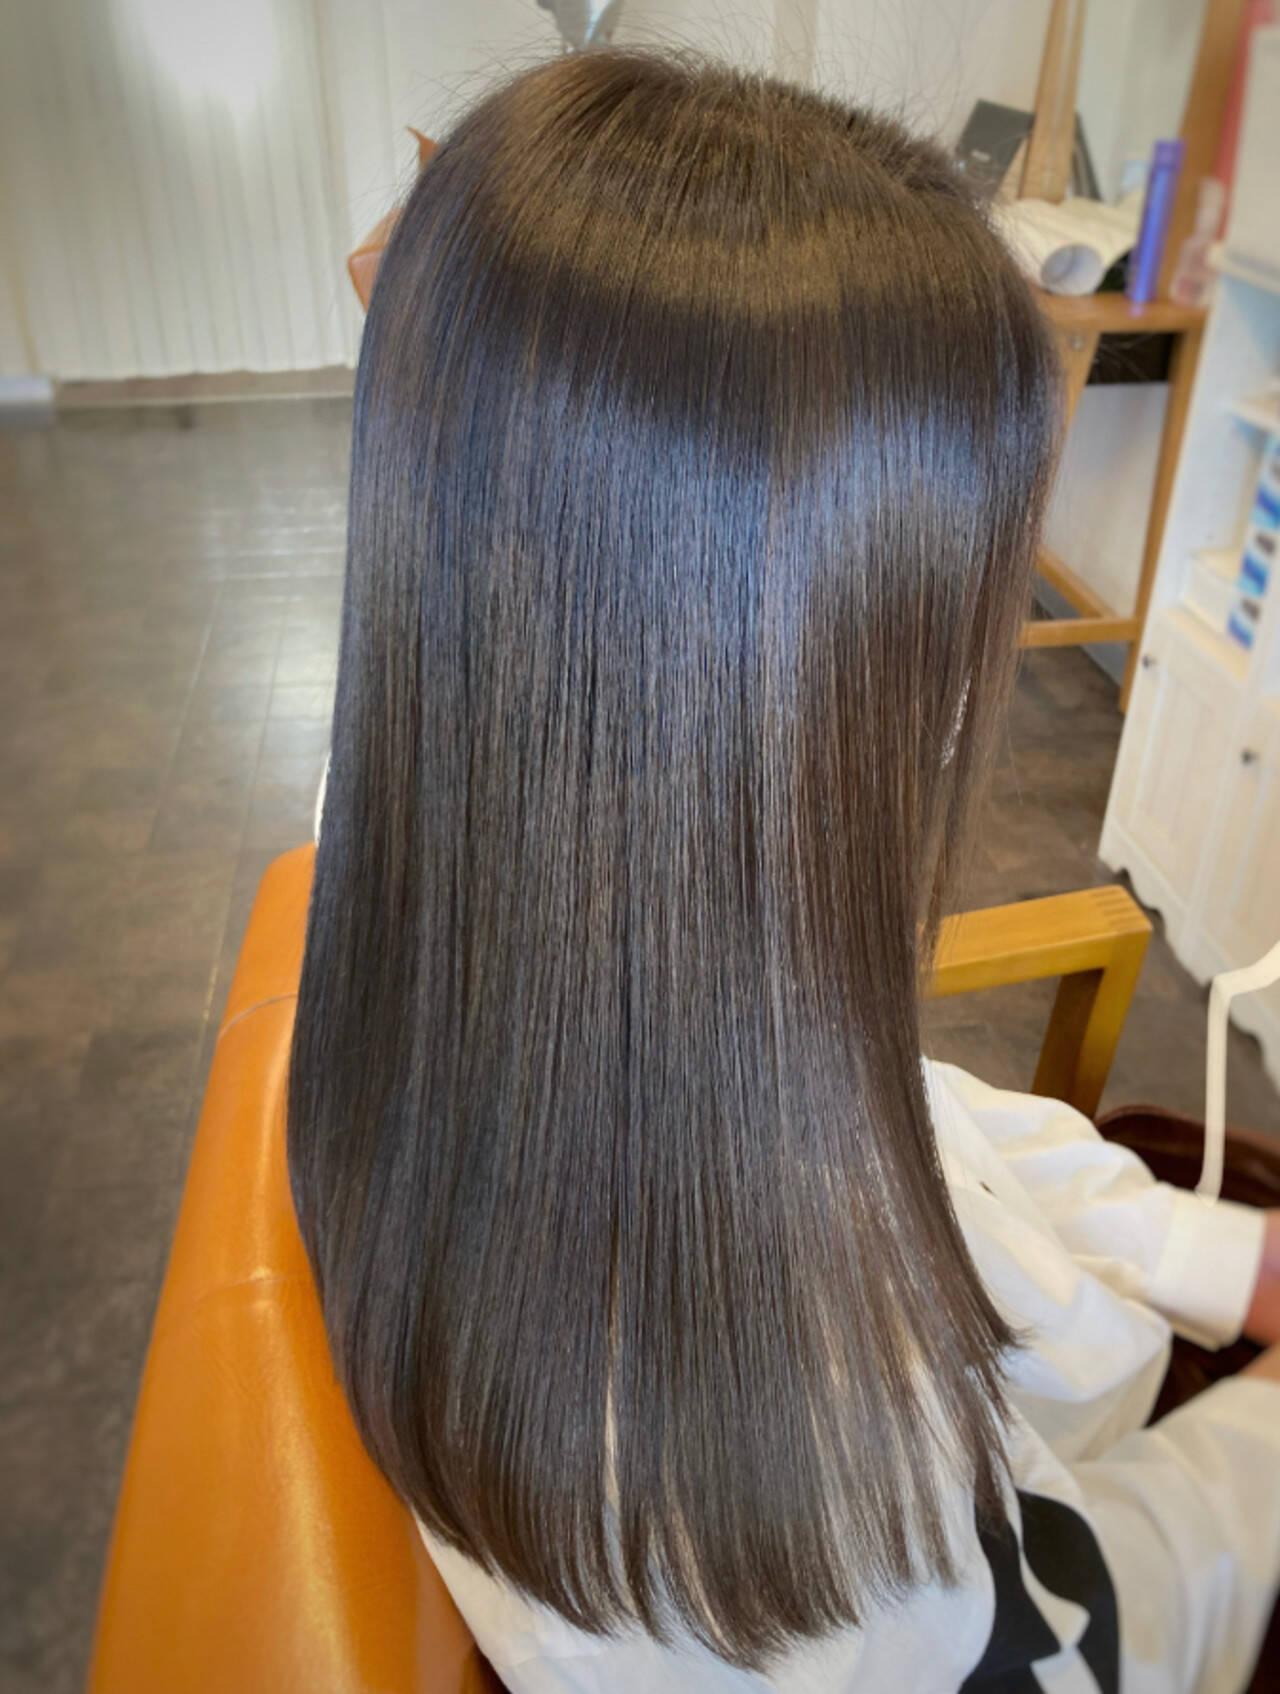 ナチュラル 縮毛矯正 トリートメント セミロングヘアスタイルや髪型の写真・画像